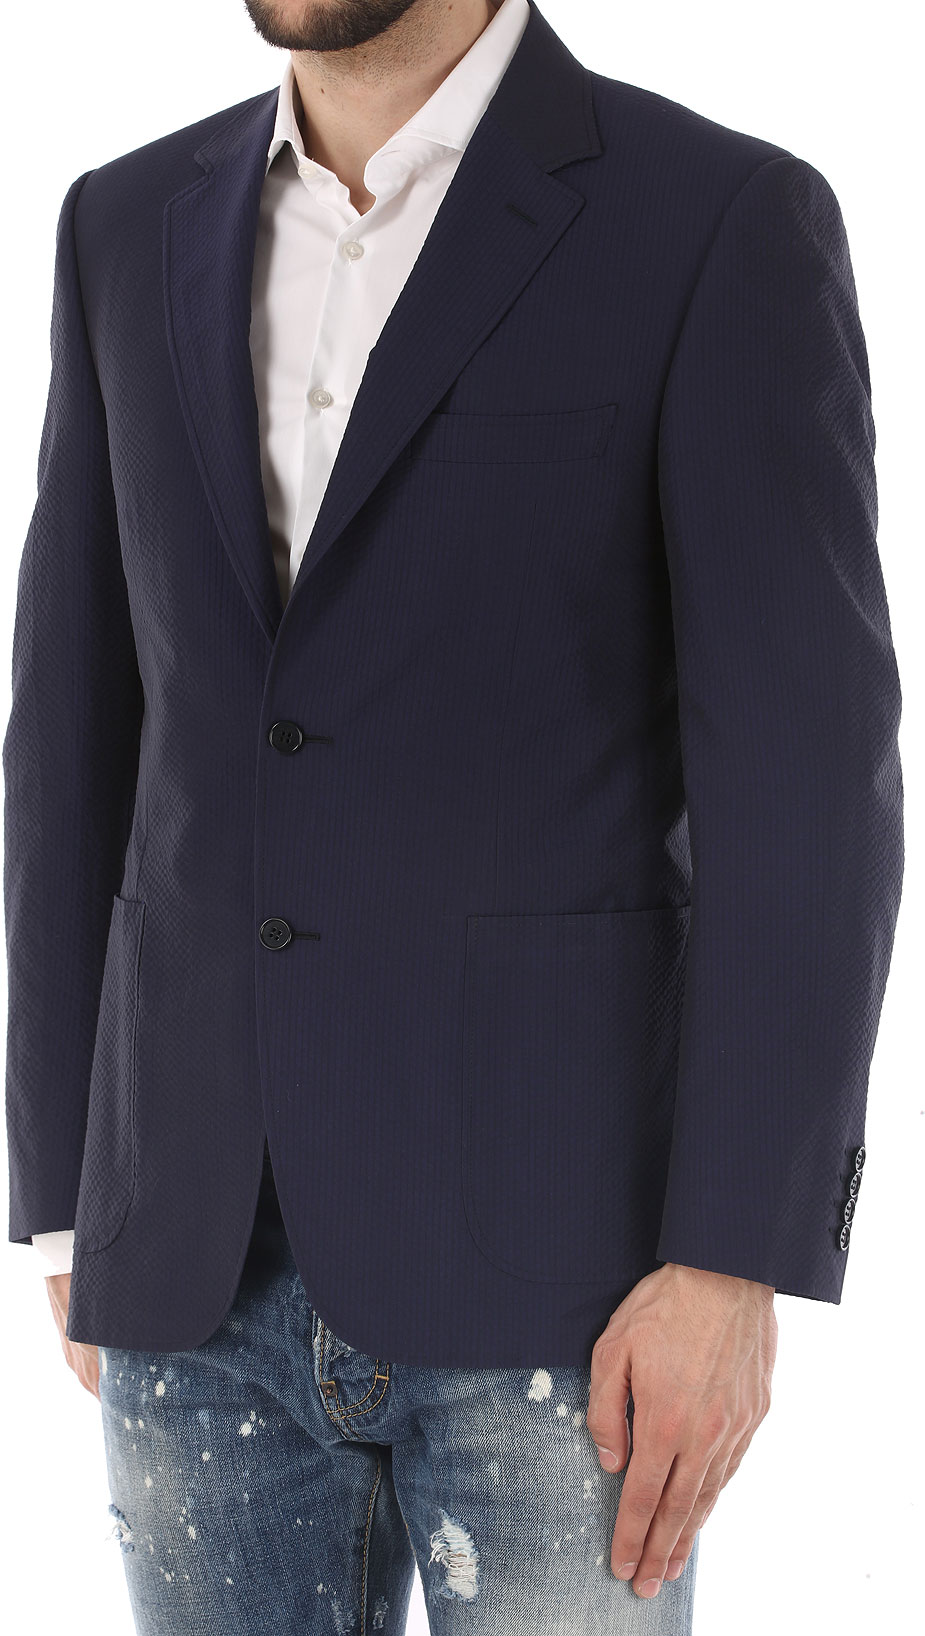 Abbigliamento Uomo Canali, Codice Articolo: 21288-cf01093-301